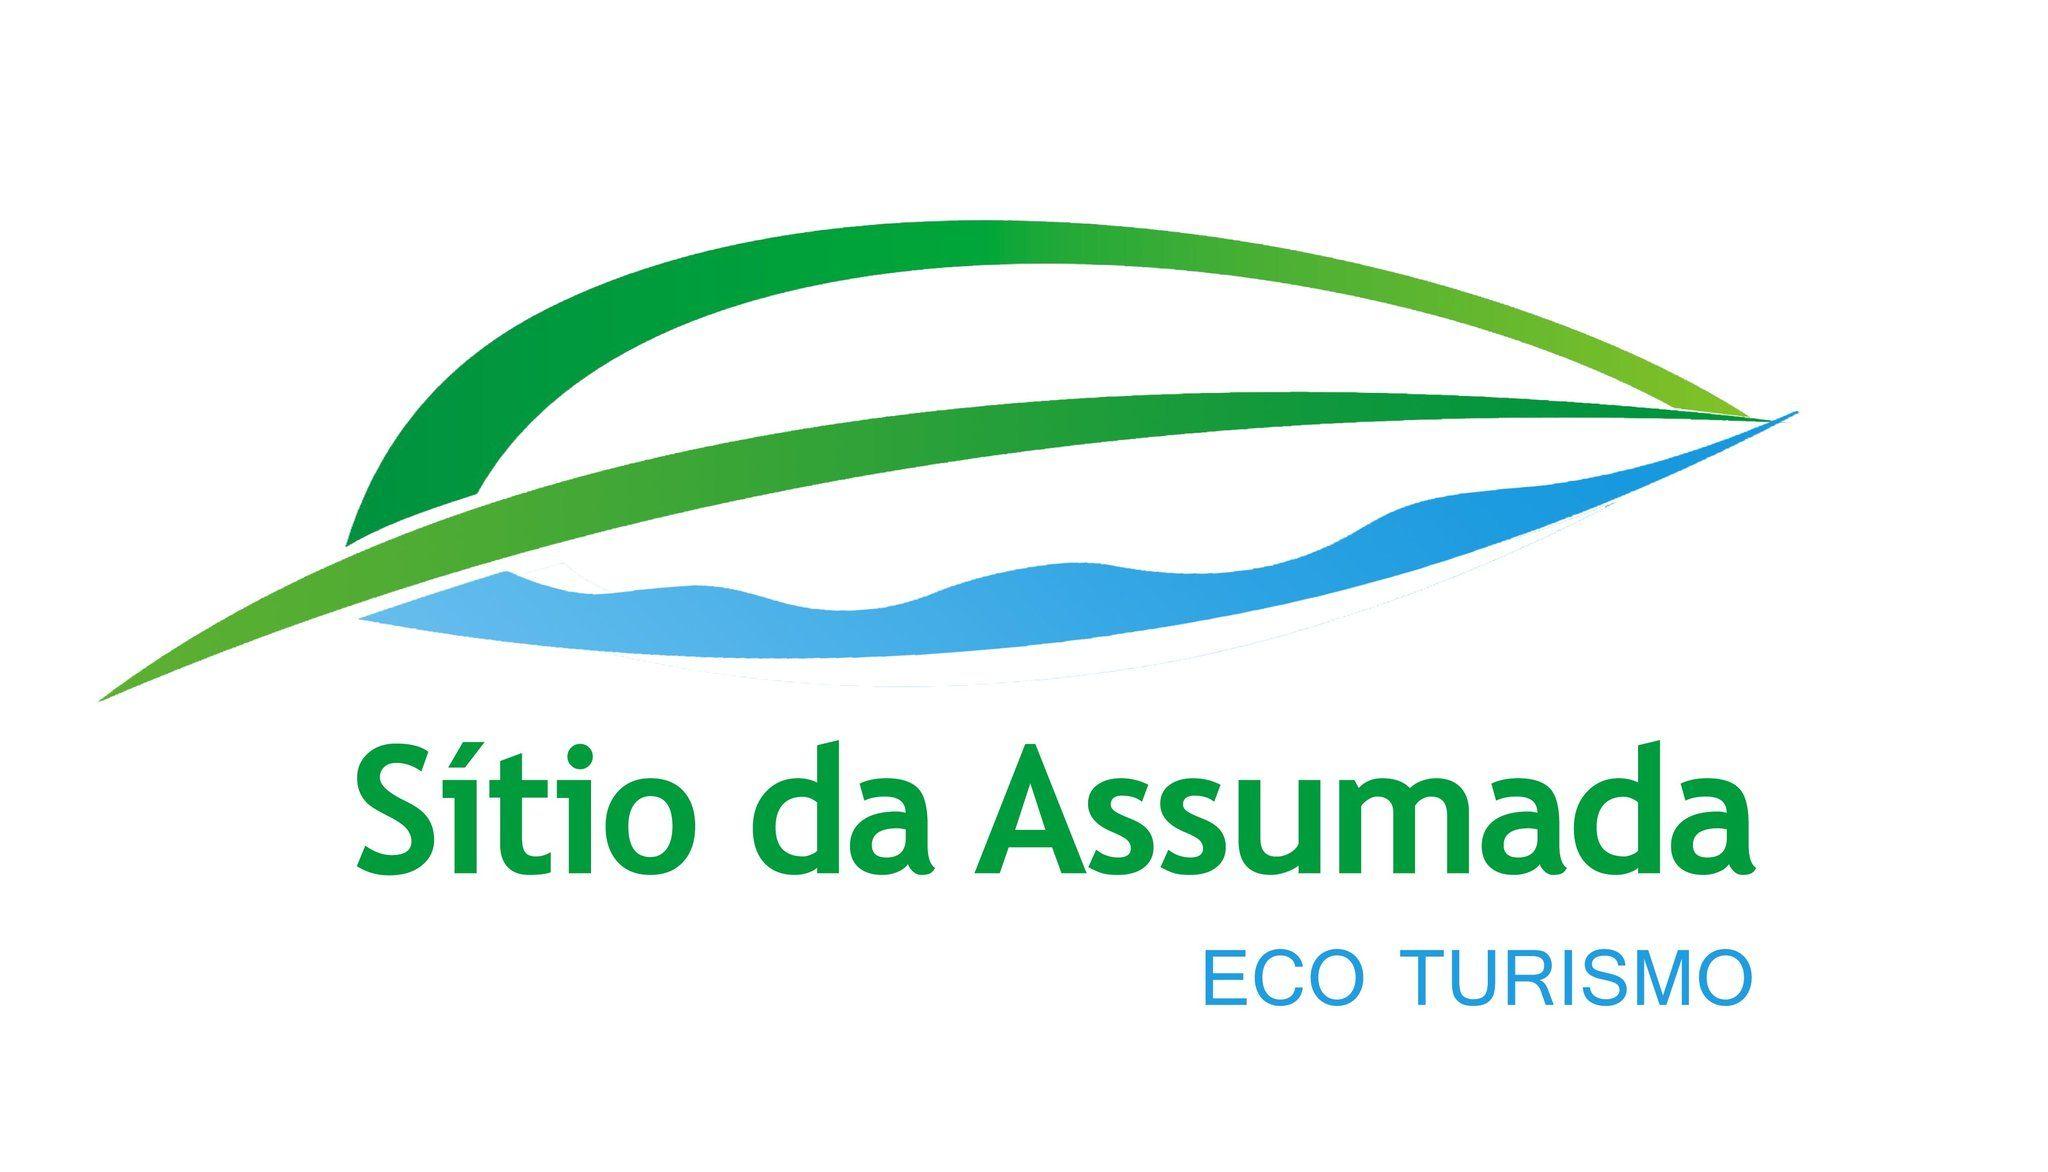 Sítio da Assumada - Eco Turismo